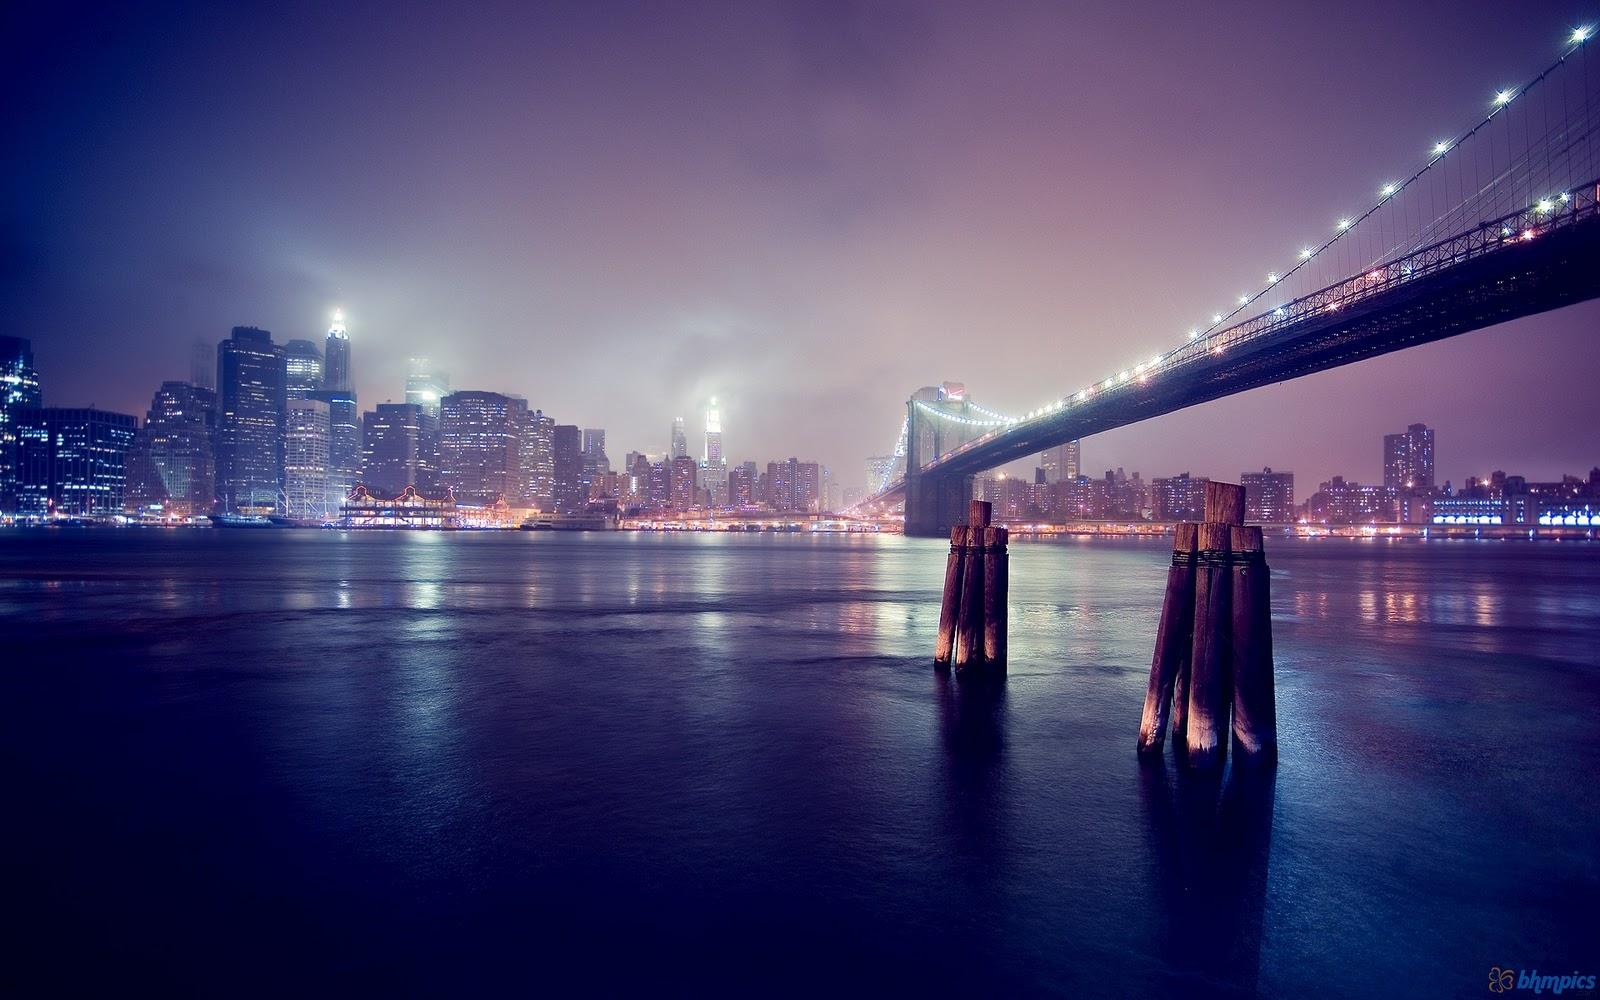 http://1.bp.blogspot.com/-m1Wsgp3pOOk/TuhB-NYTFLI/AAAAAAAAAek/JK-BgaVBJmI/s1600/classic_view_at_night-1920x1200.jpg